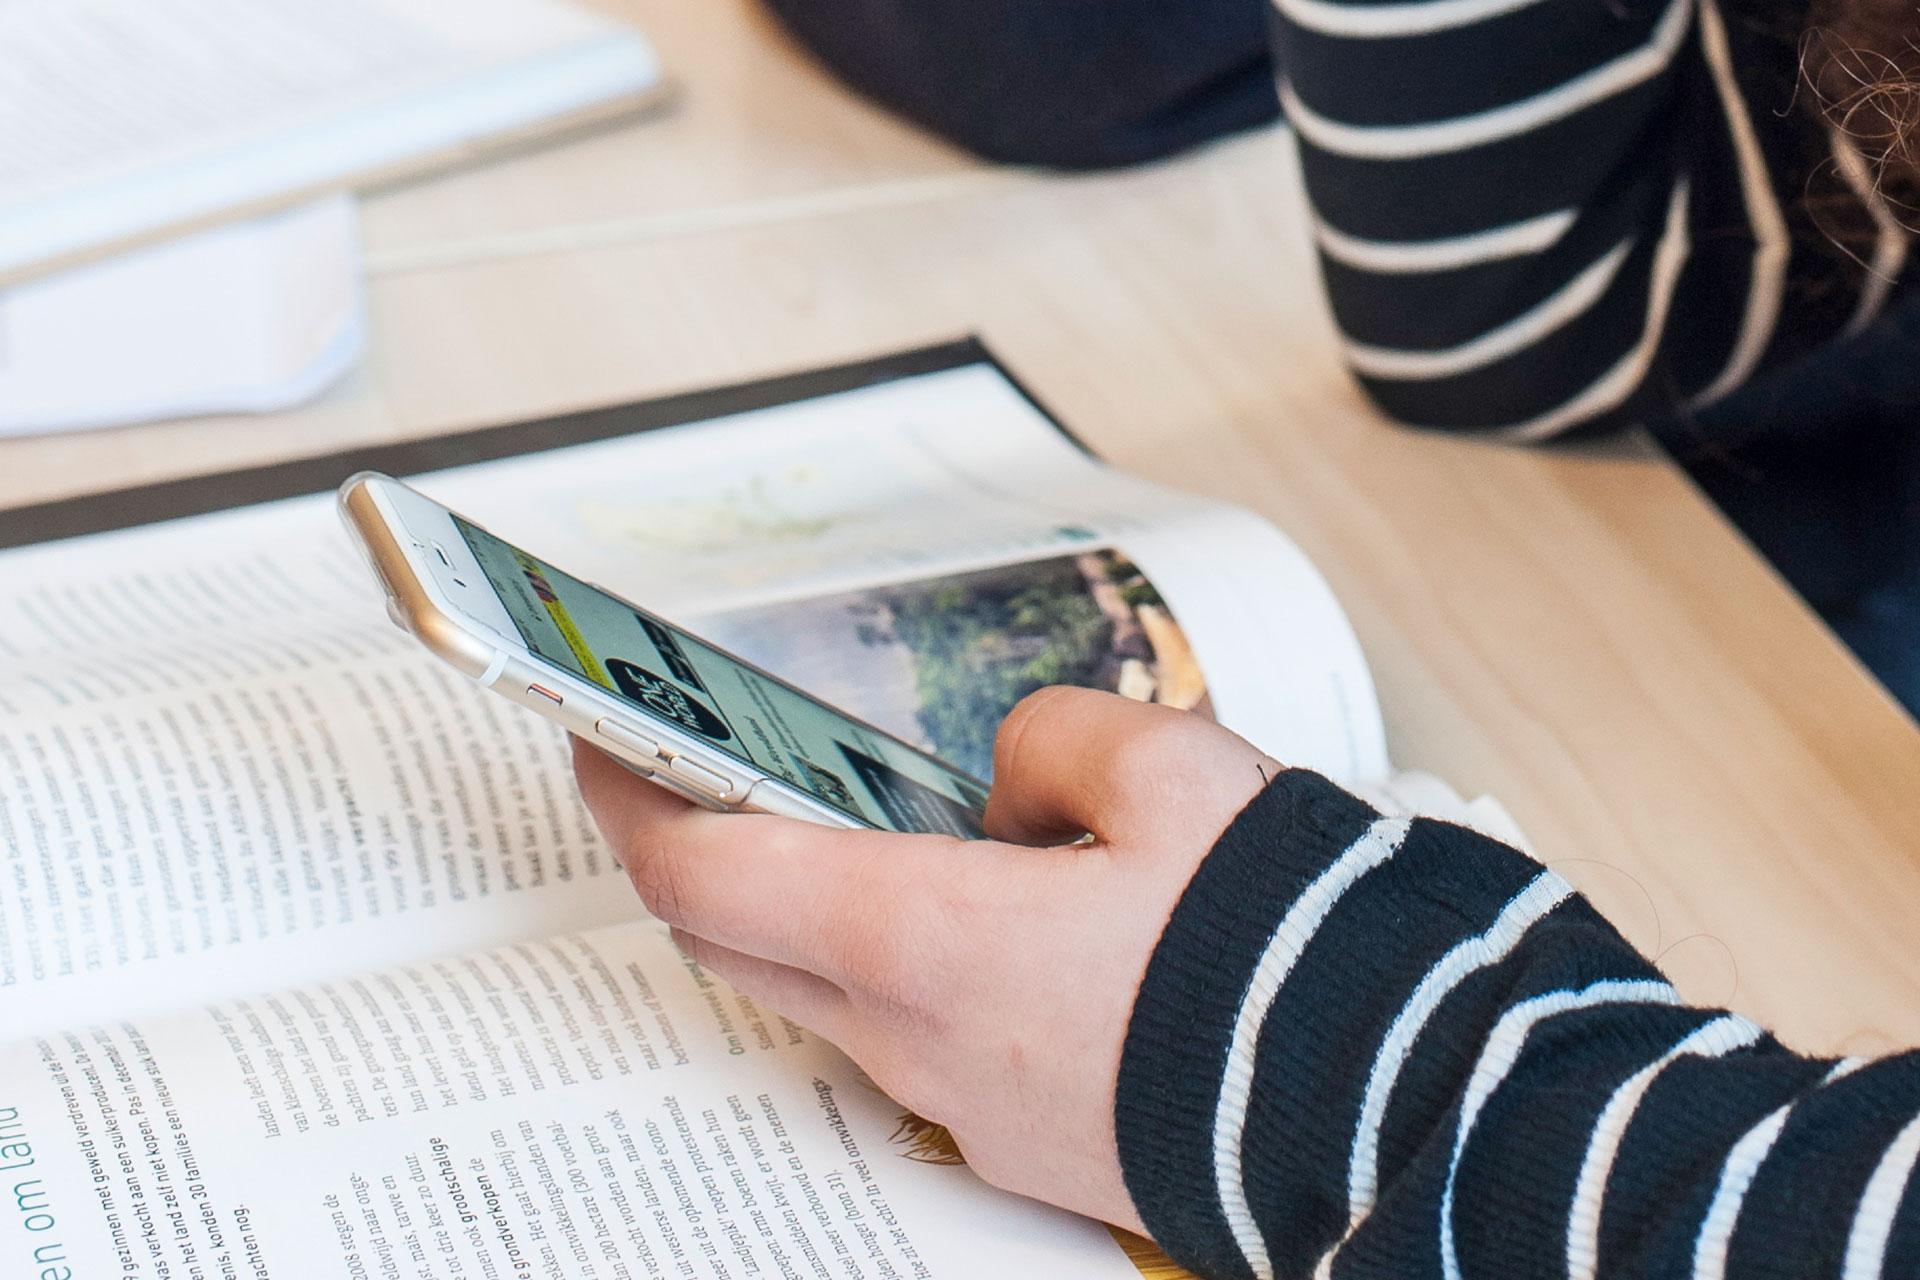 Schülerin schlägt etwas auf dem Smartphone nach